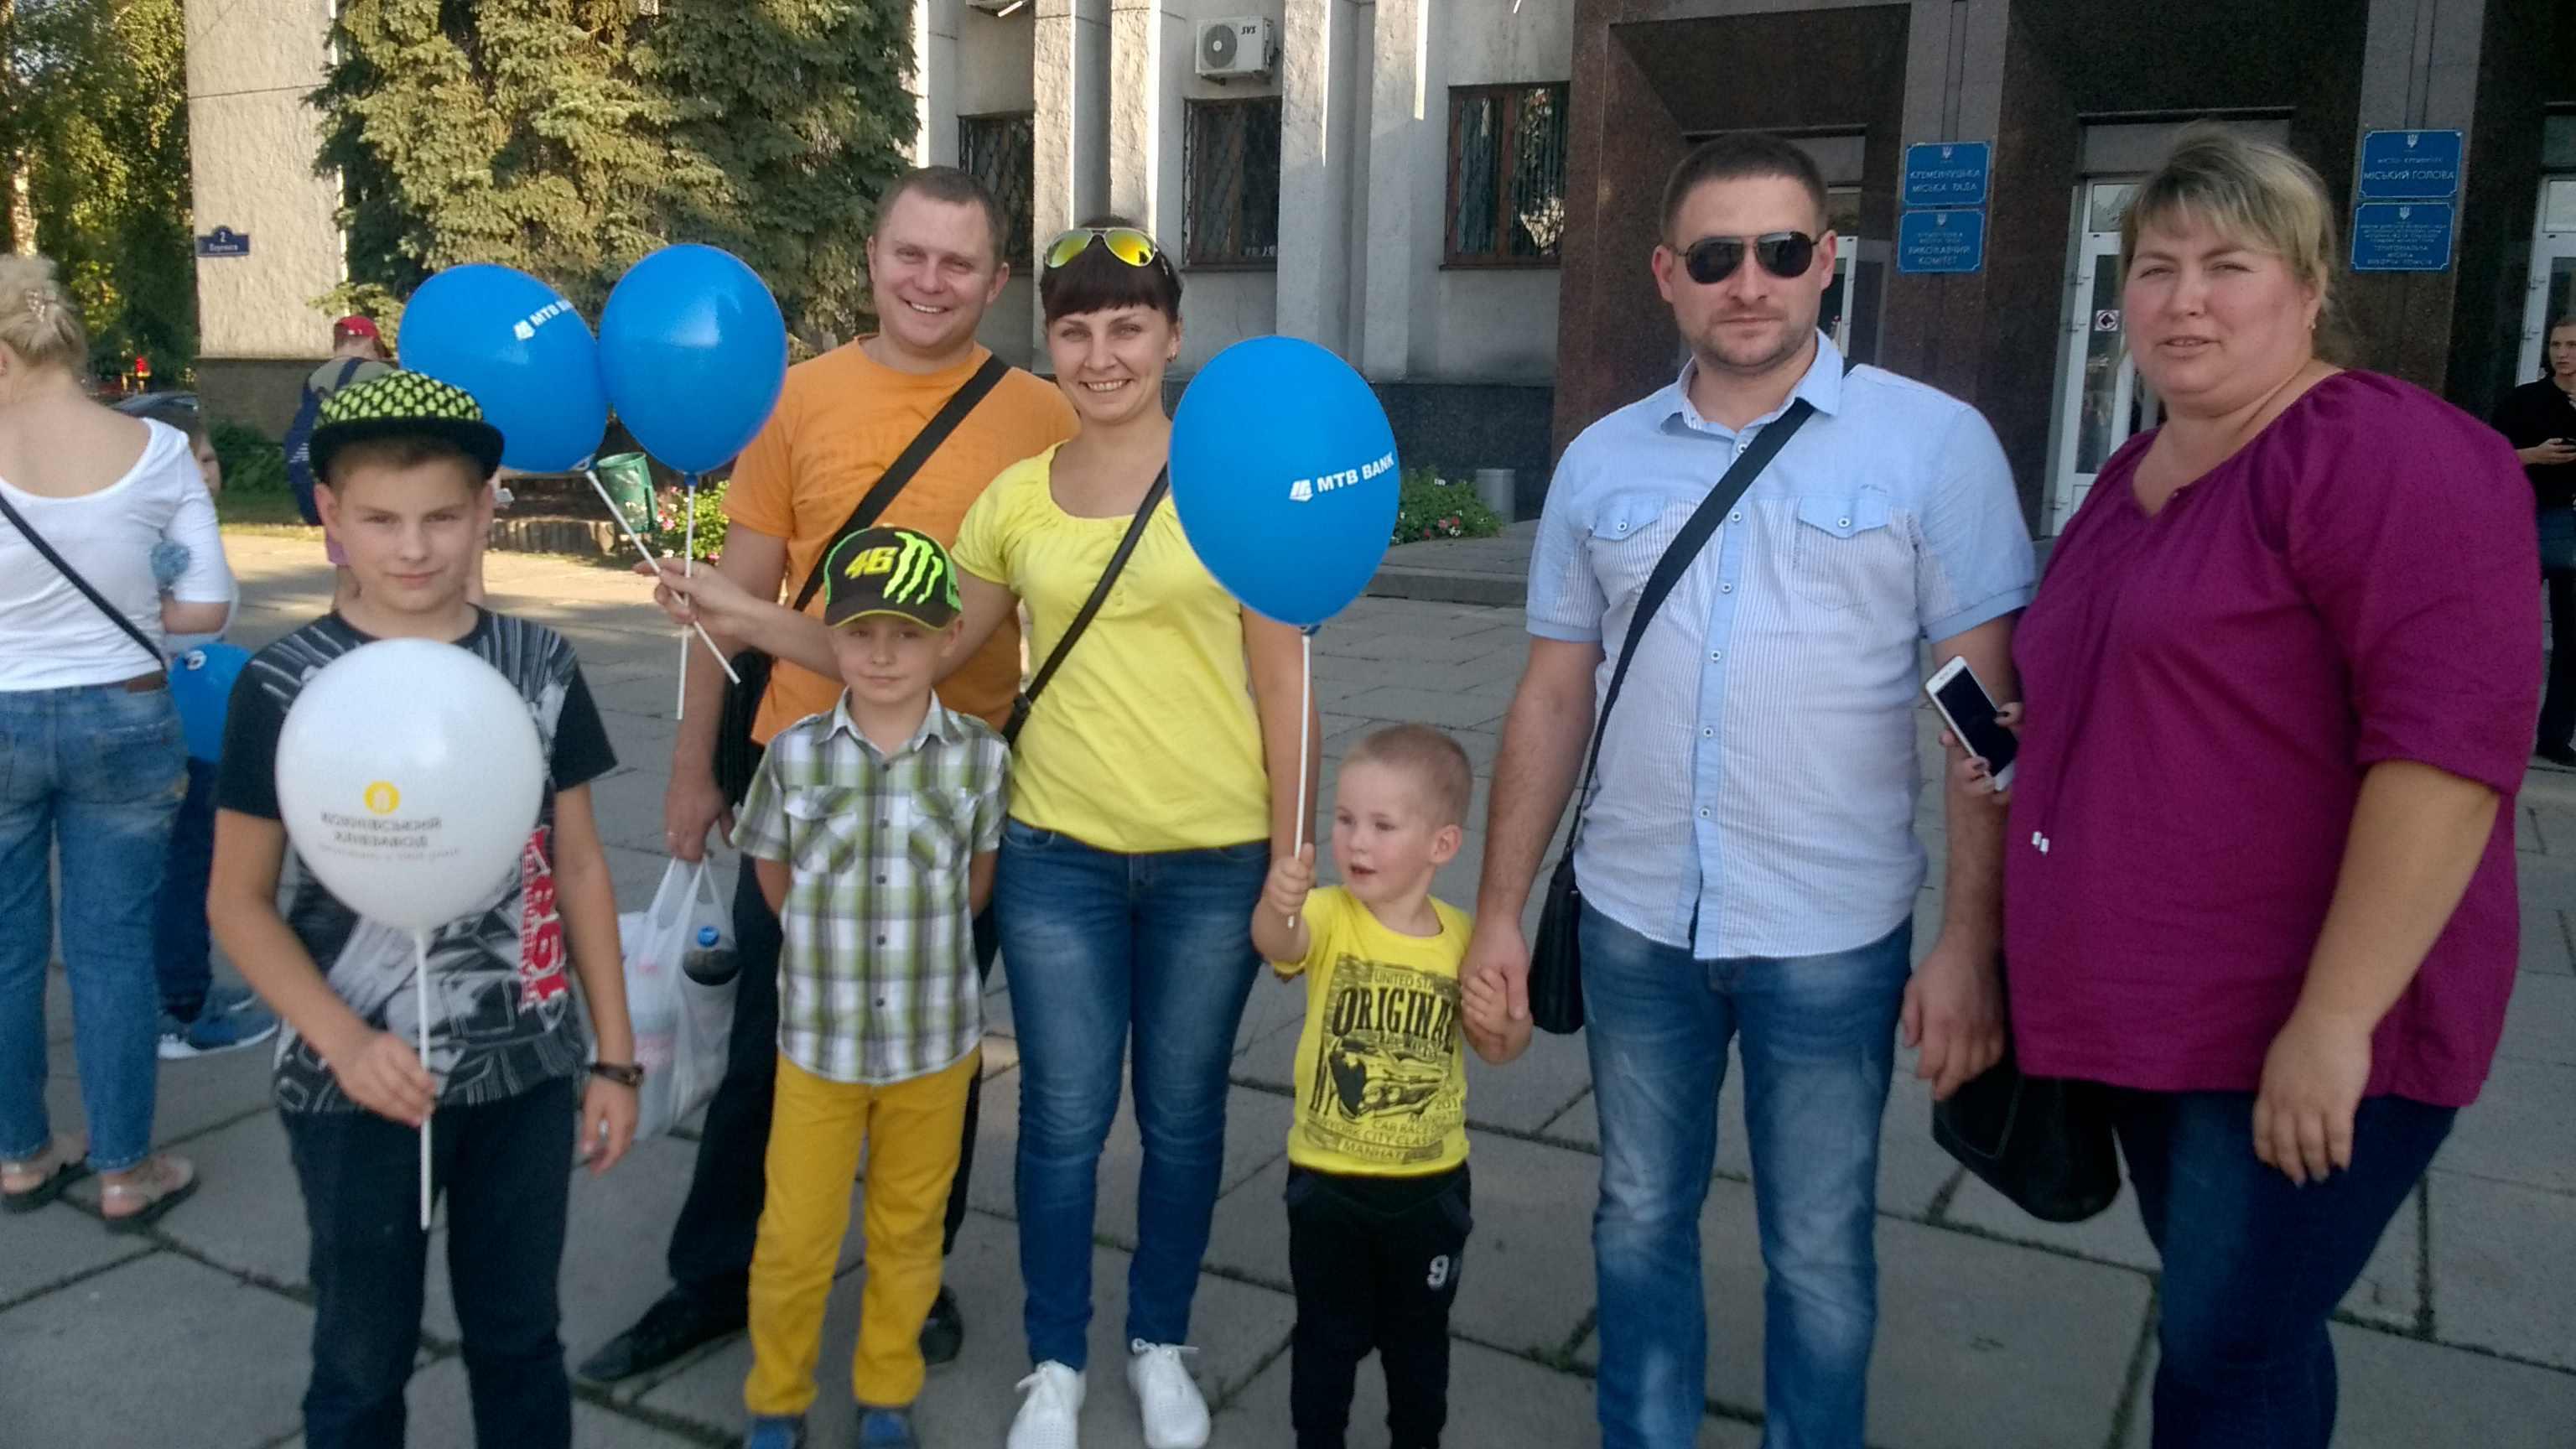 ДЕНЬ КРЕМЕНЧУКА - З МТБ БАНКом! - фото 5 - mtb.ua